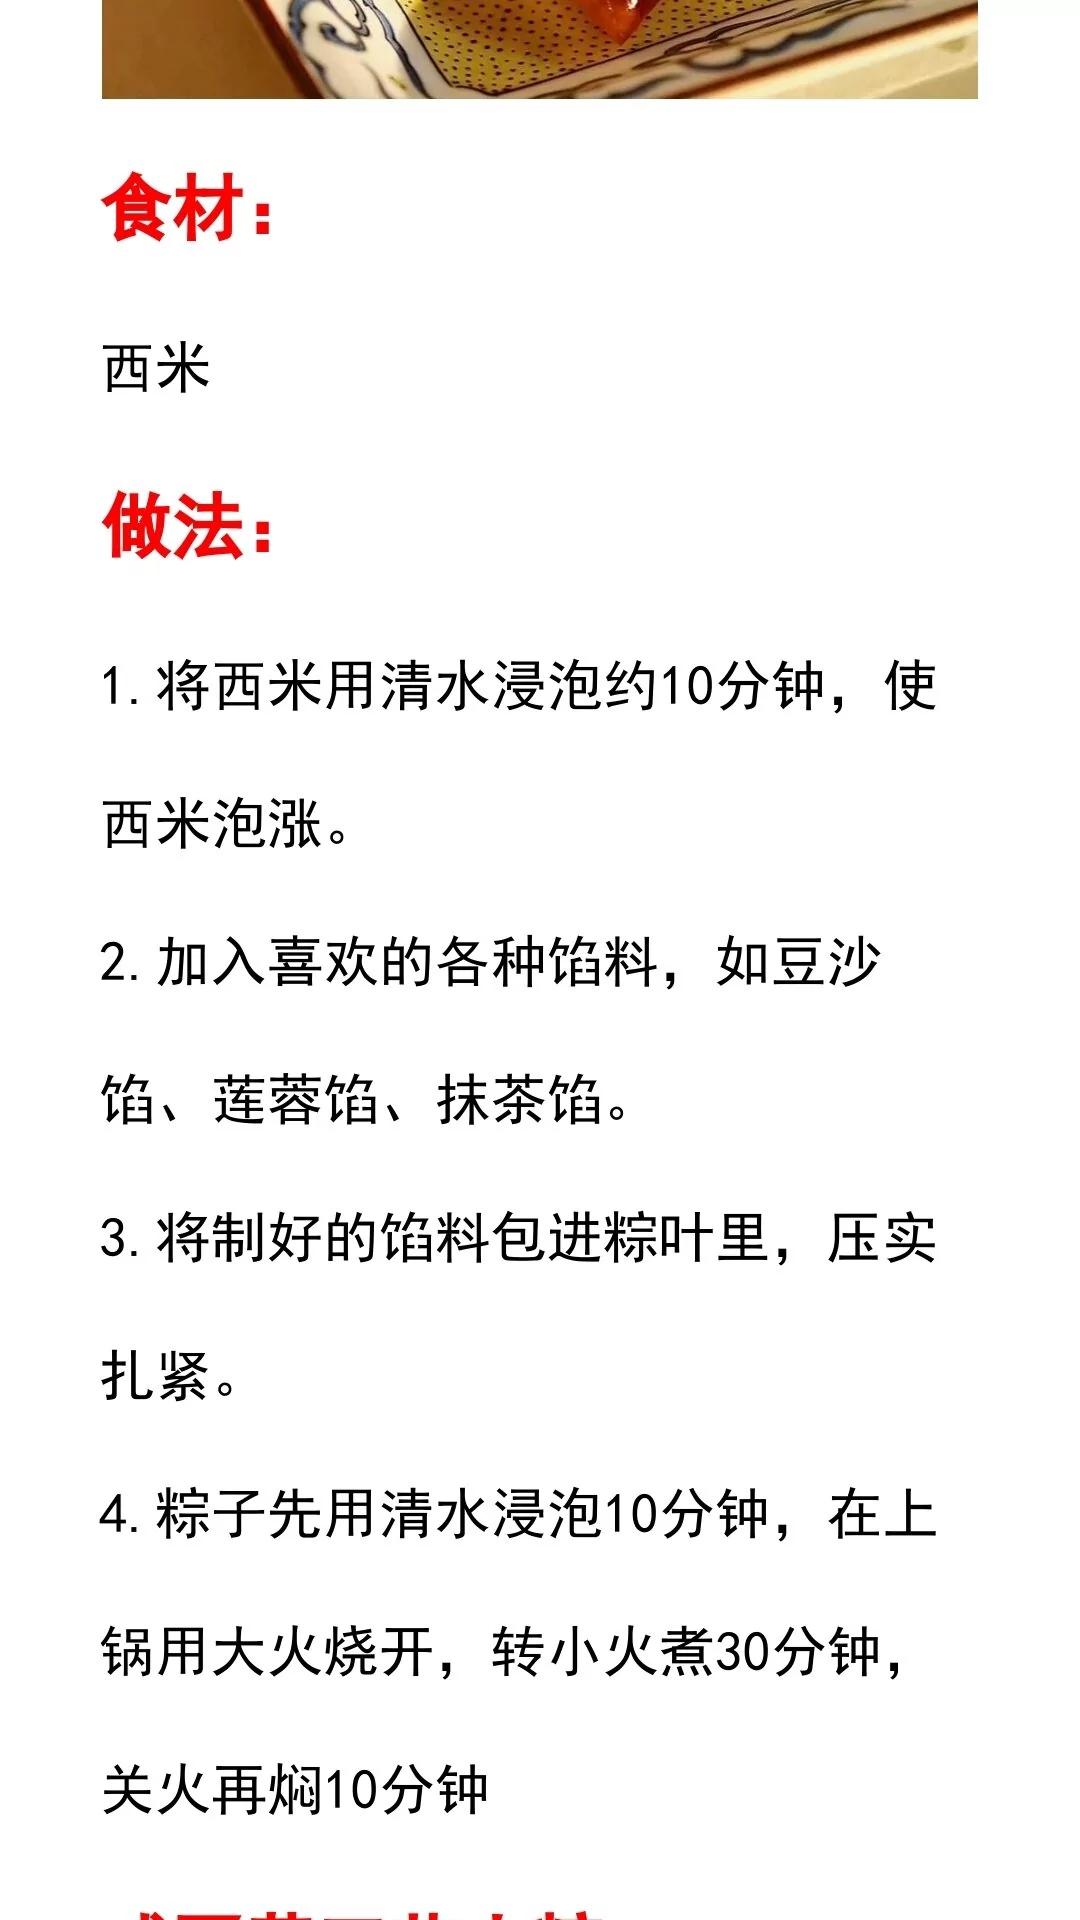 10种粽子的做法及配料!粽子馅种类大全!端午节粽子制作方法教程 美食做法 第4张